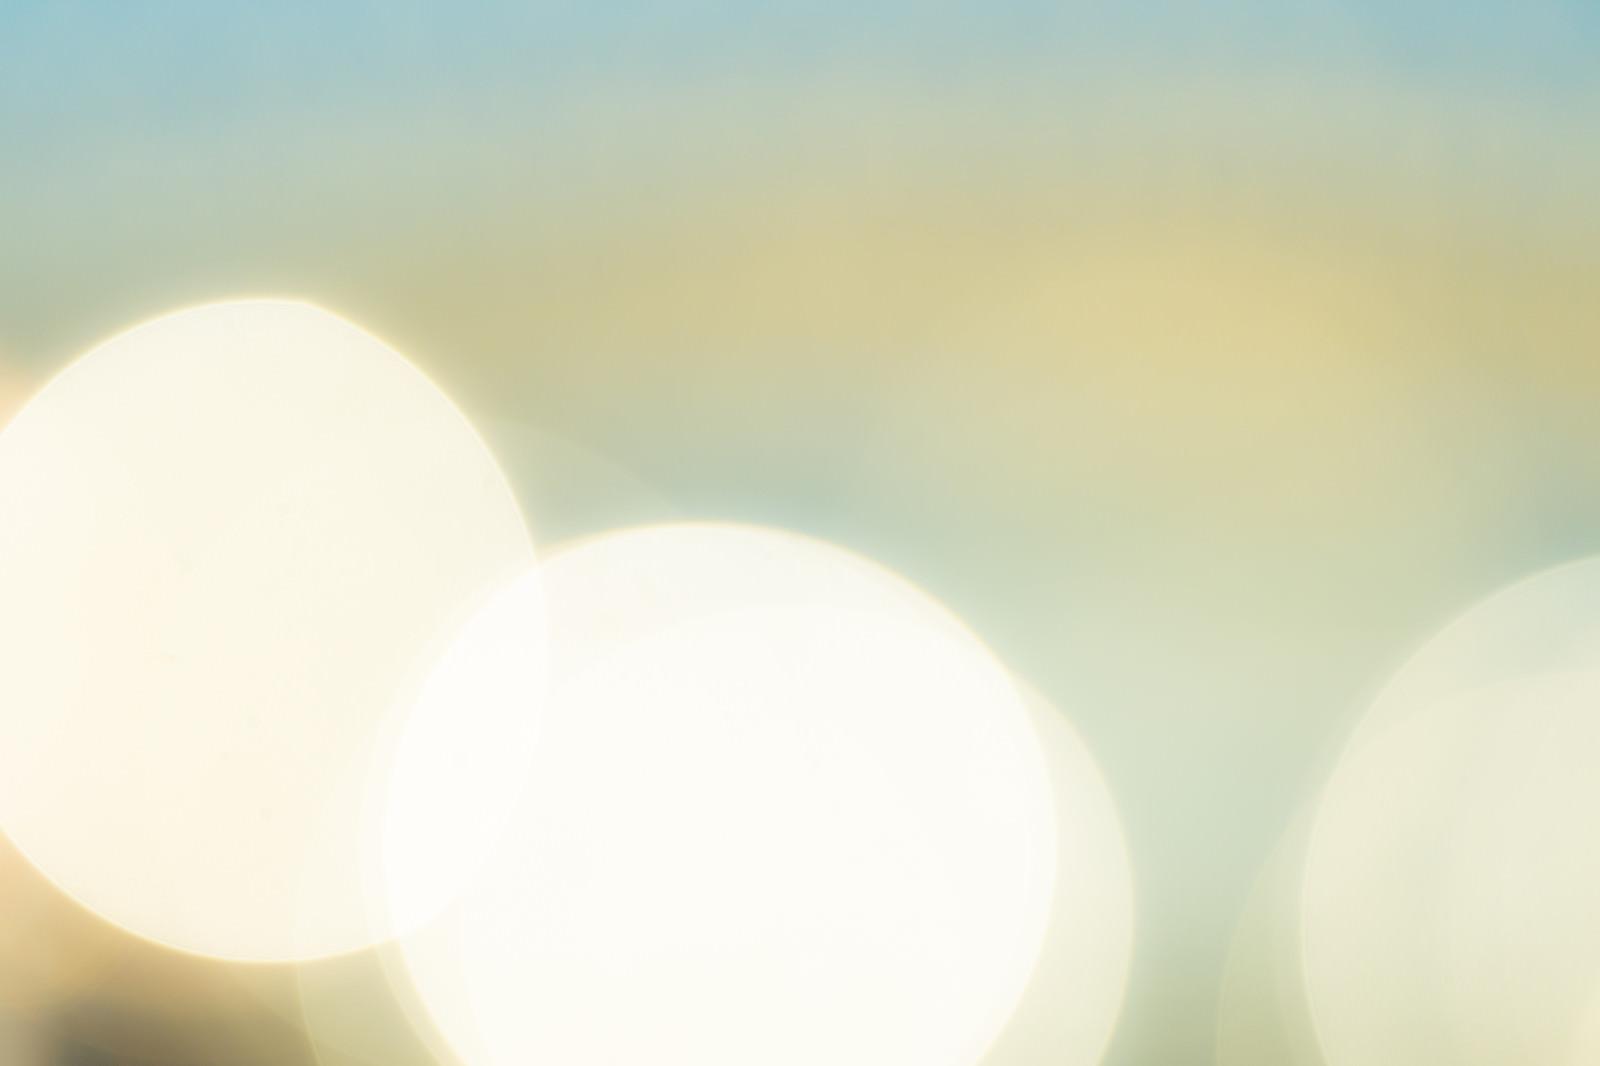 「淡いレモン色の光」の写真